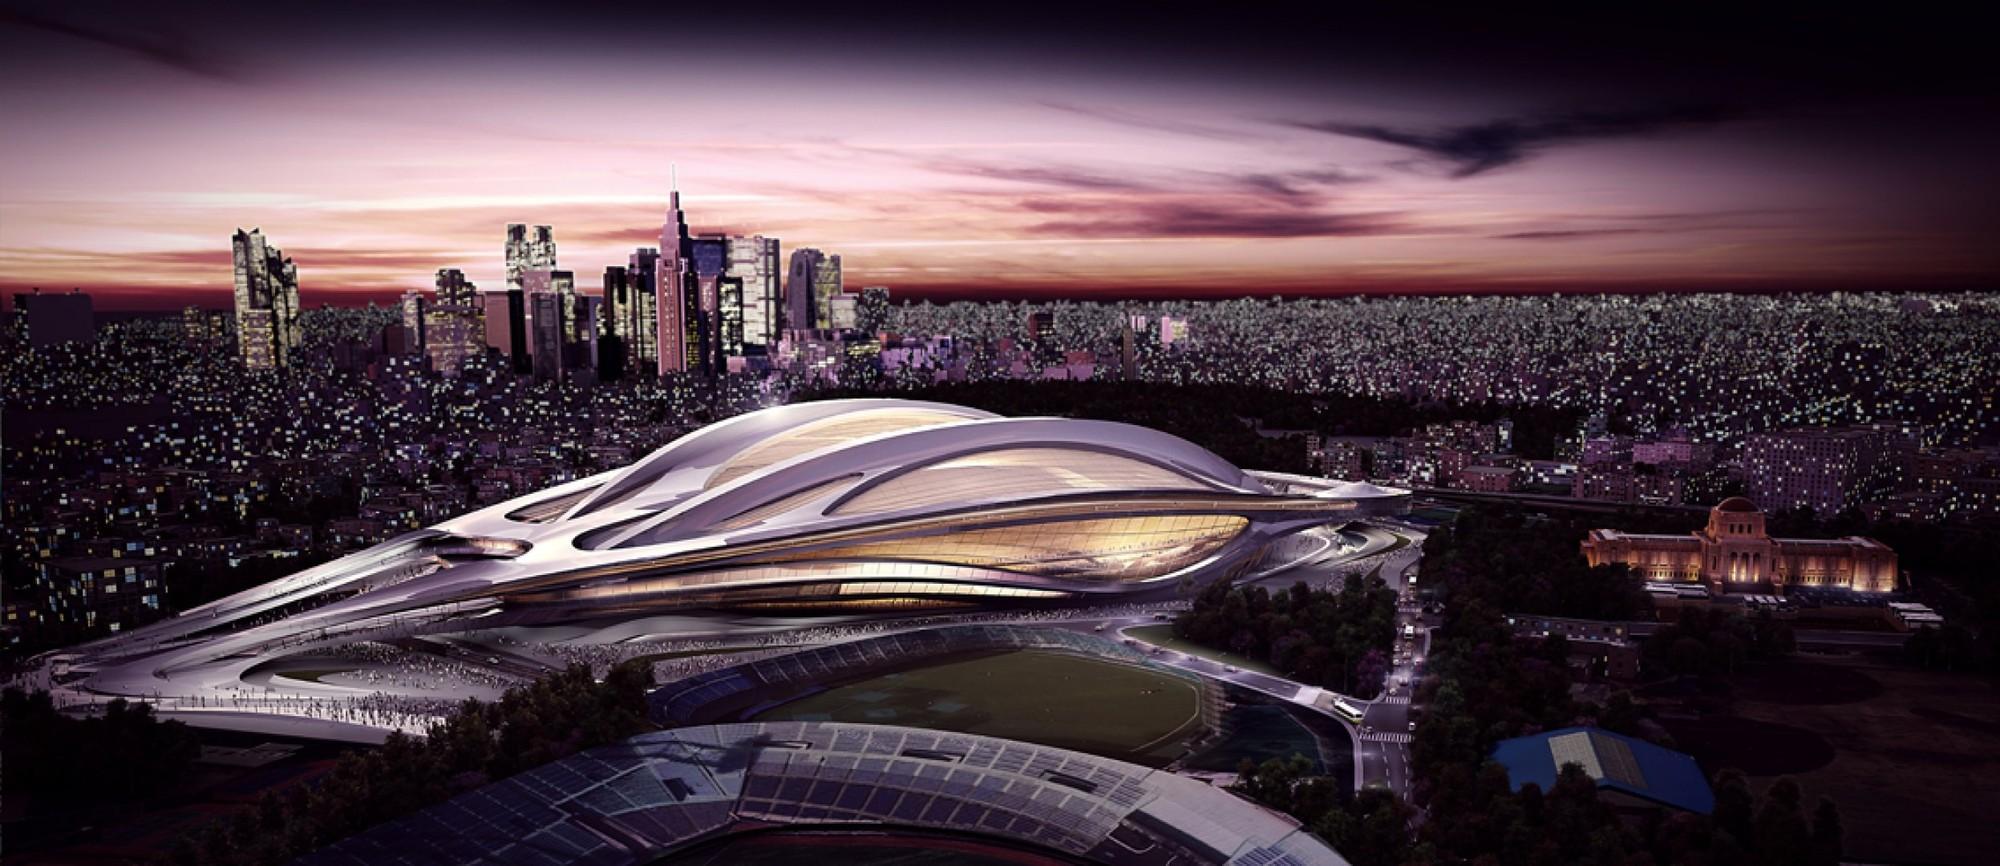 Arquitectos Japoneses protestan por el estadio de Zaha Hadid para los JJOO 2020, © ZHA